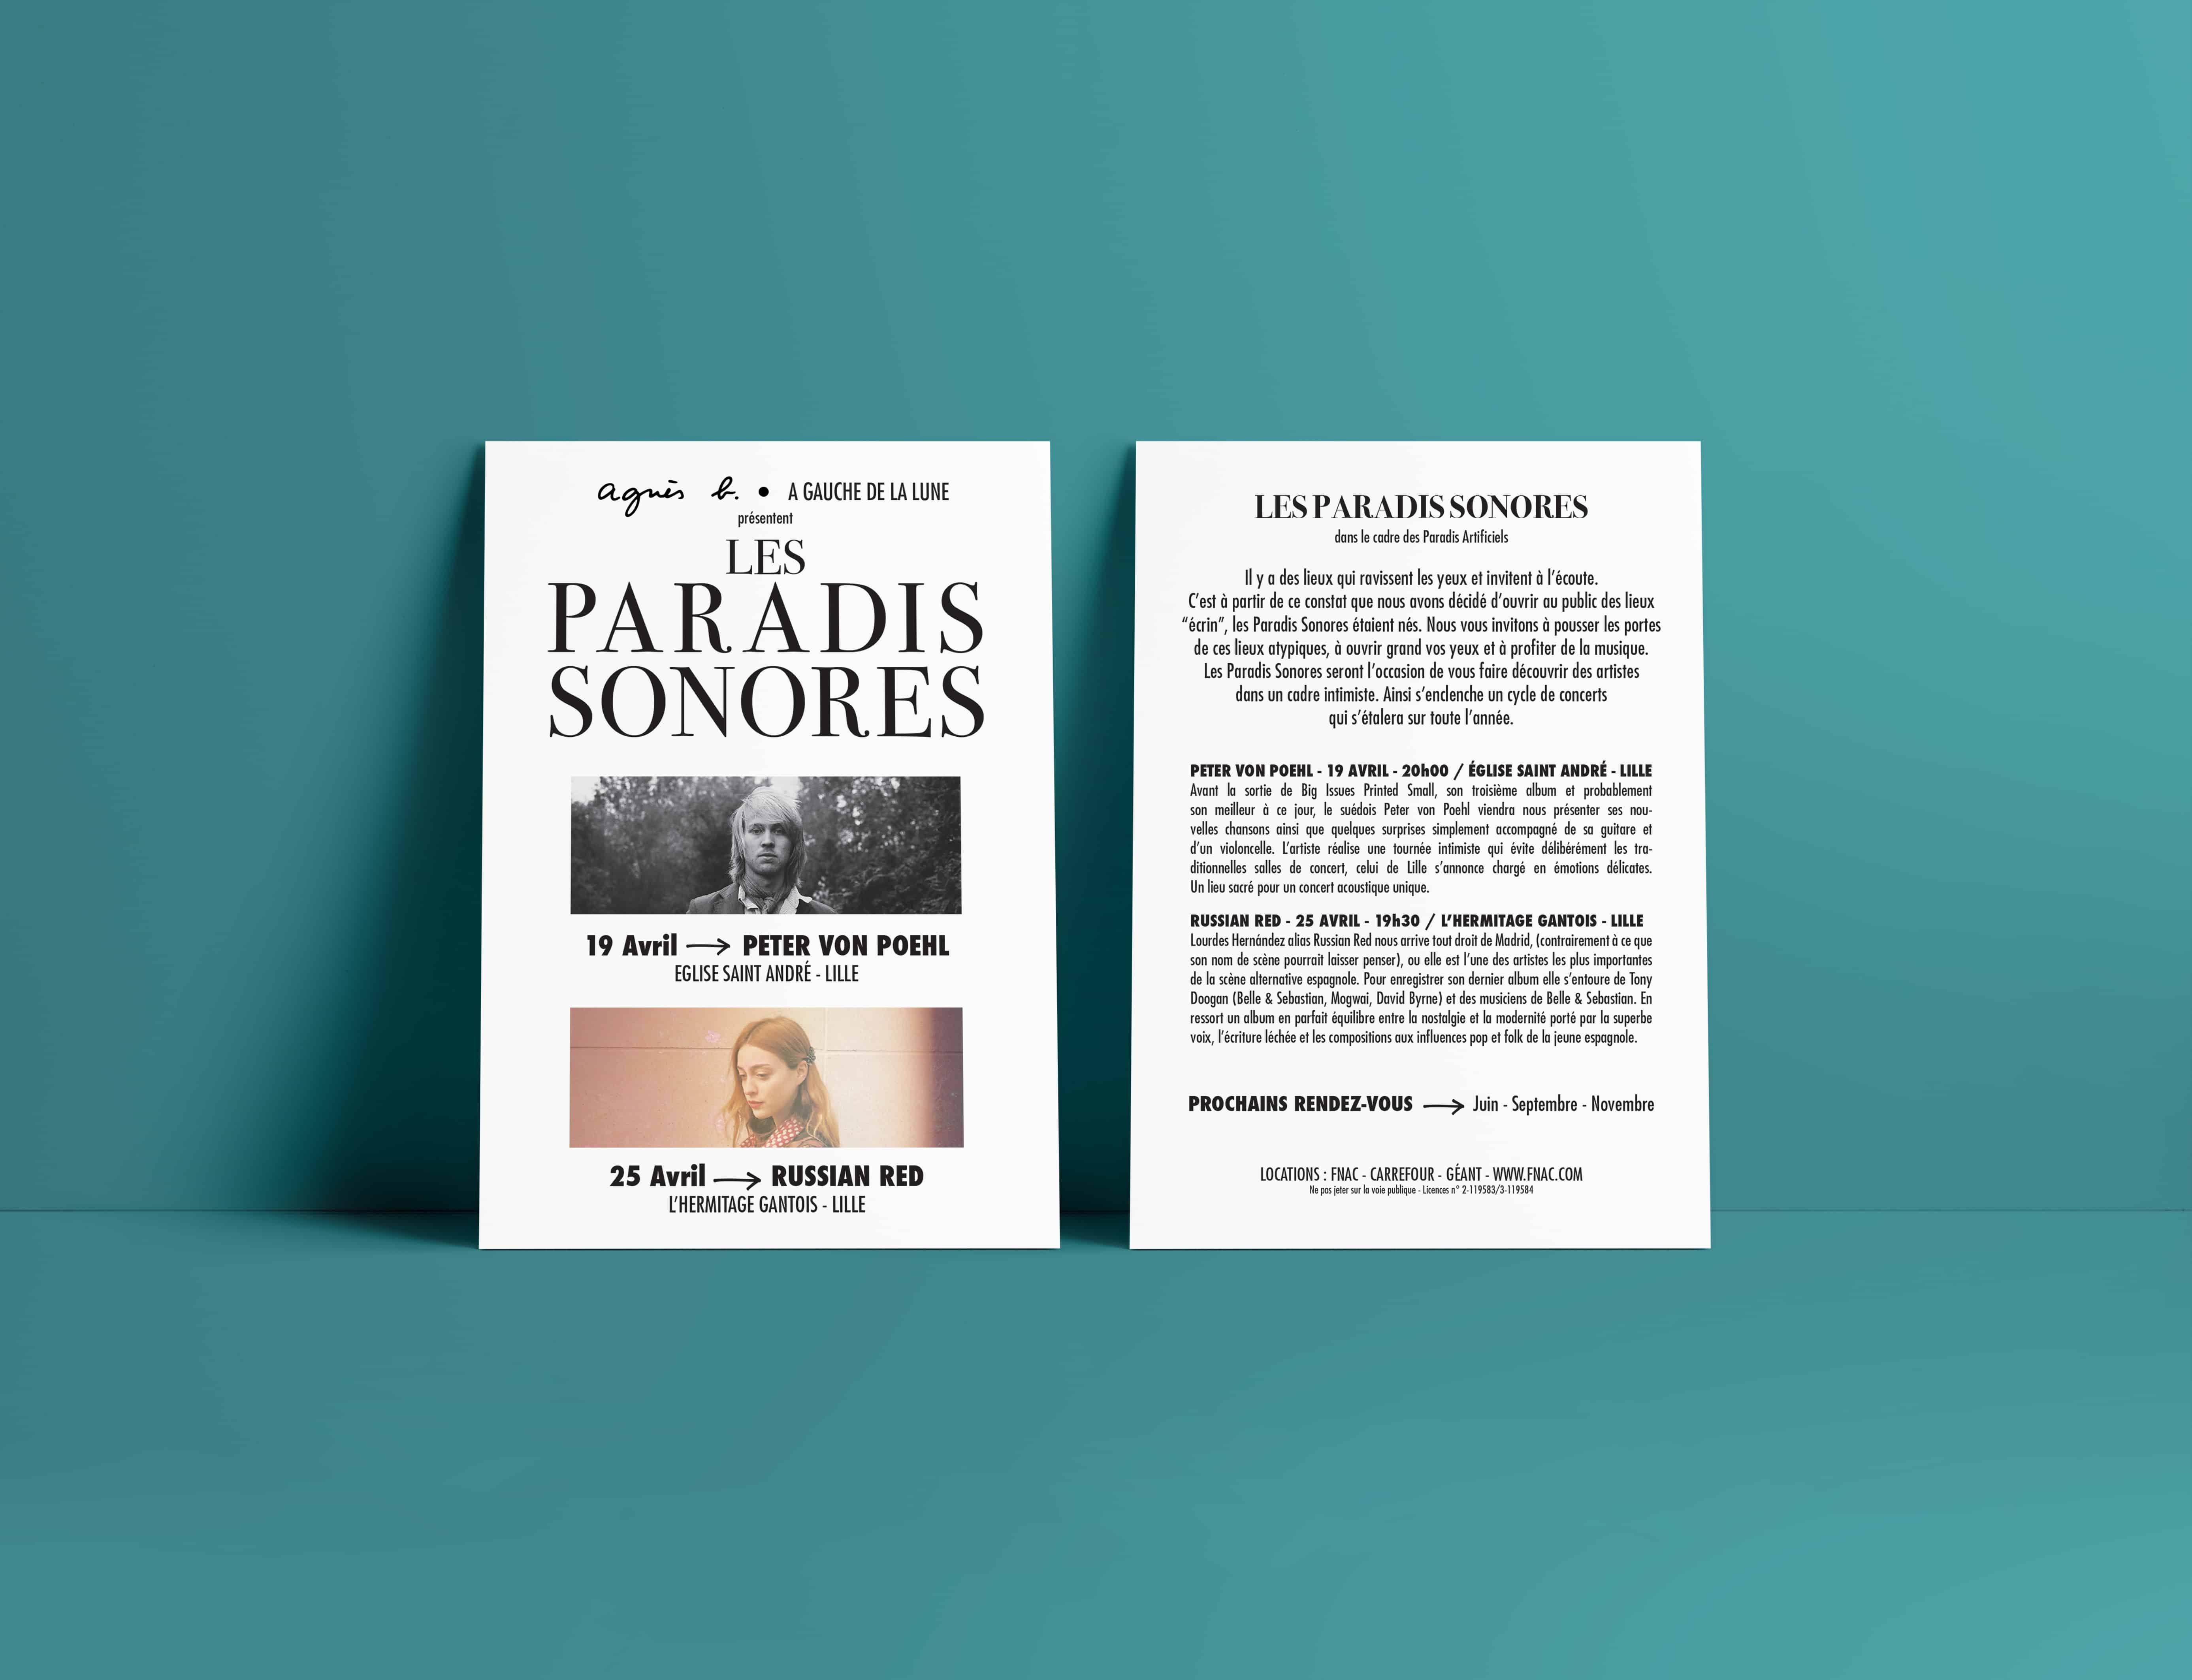 Flyer du festival les paradis sonores avec Peter von Poehl et Russian Red